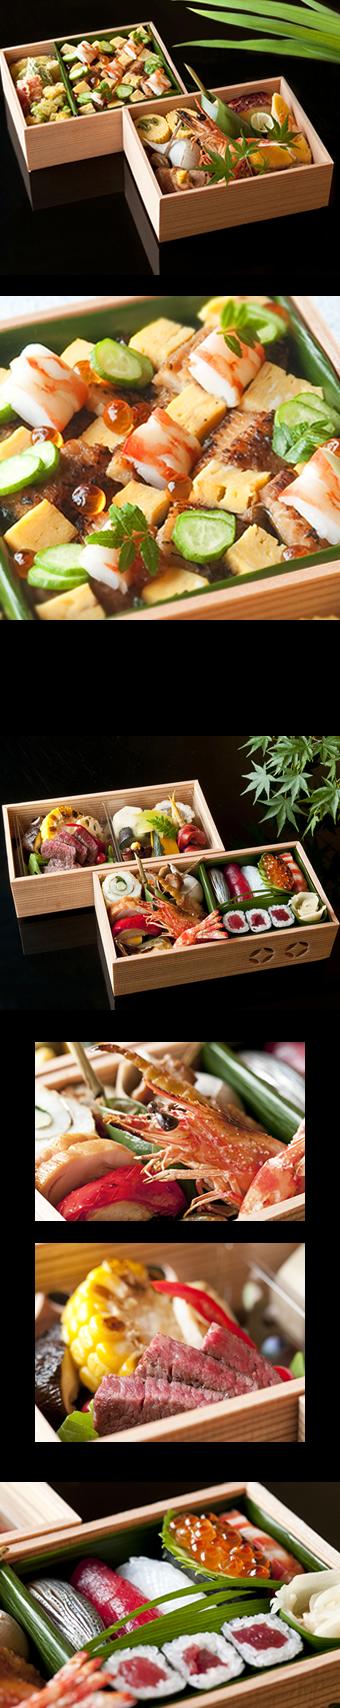 お料理 |大阪・心斎橋で日本料理なら寿司はせ川心斎橋店